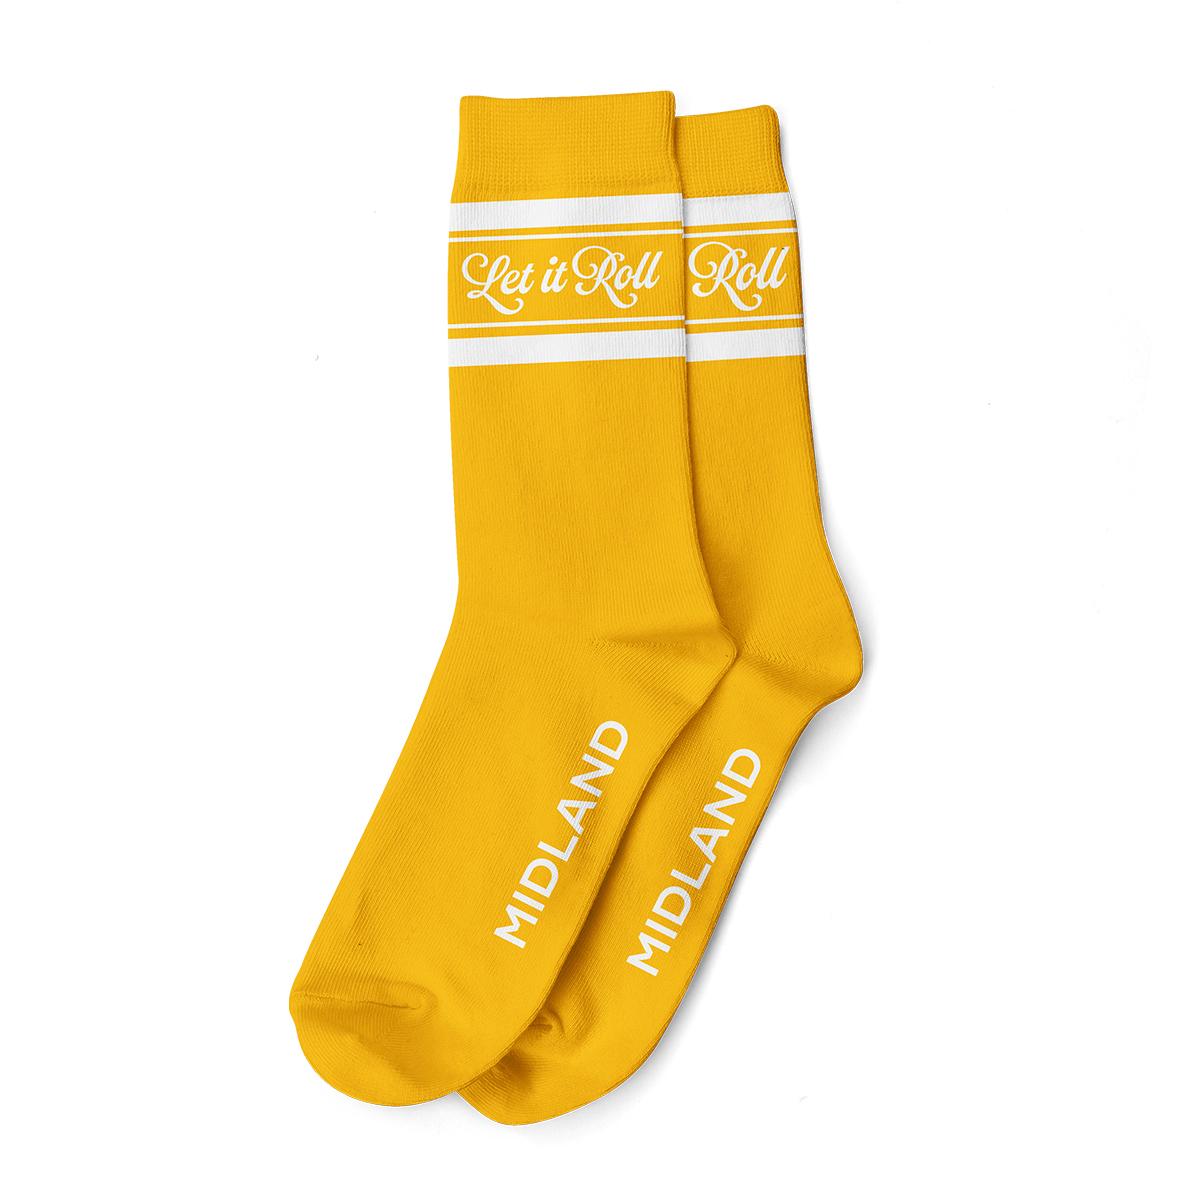 Let It Roll Gold Socks